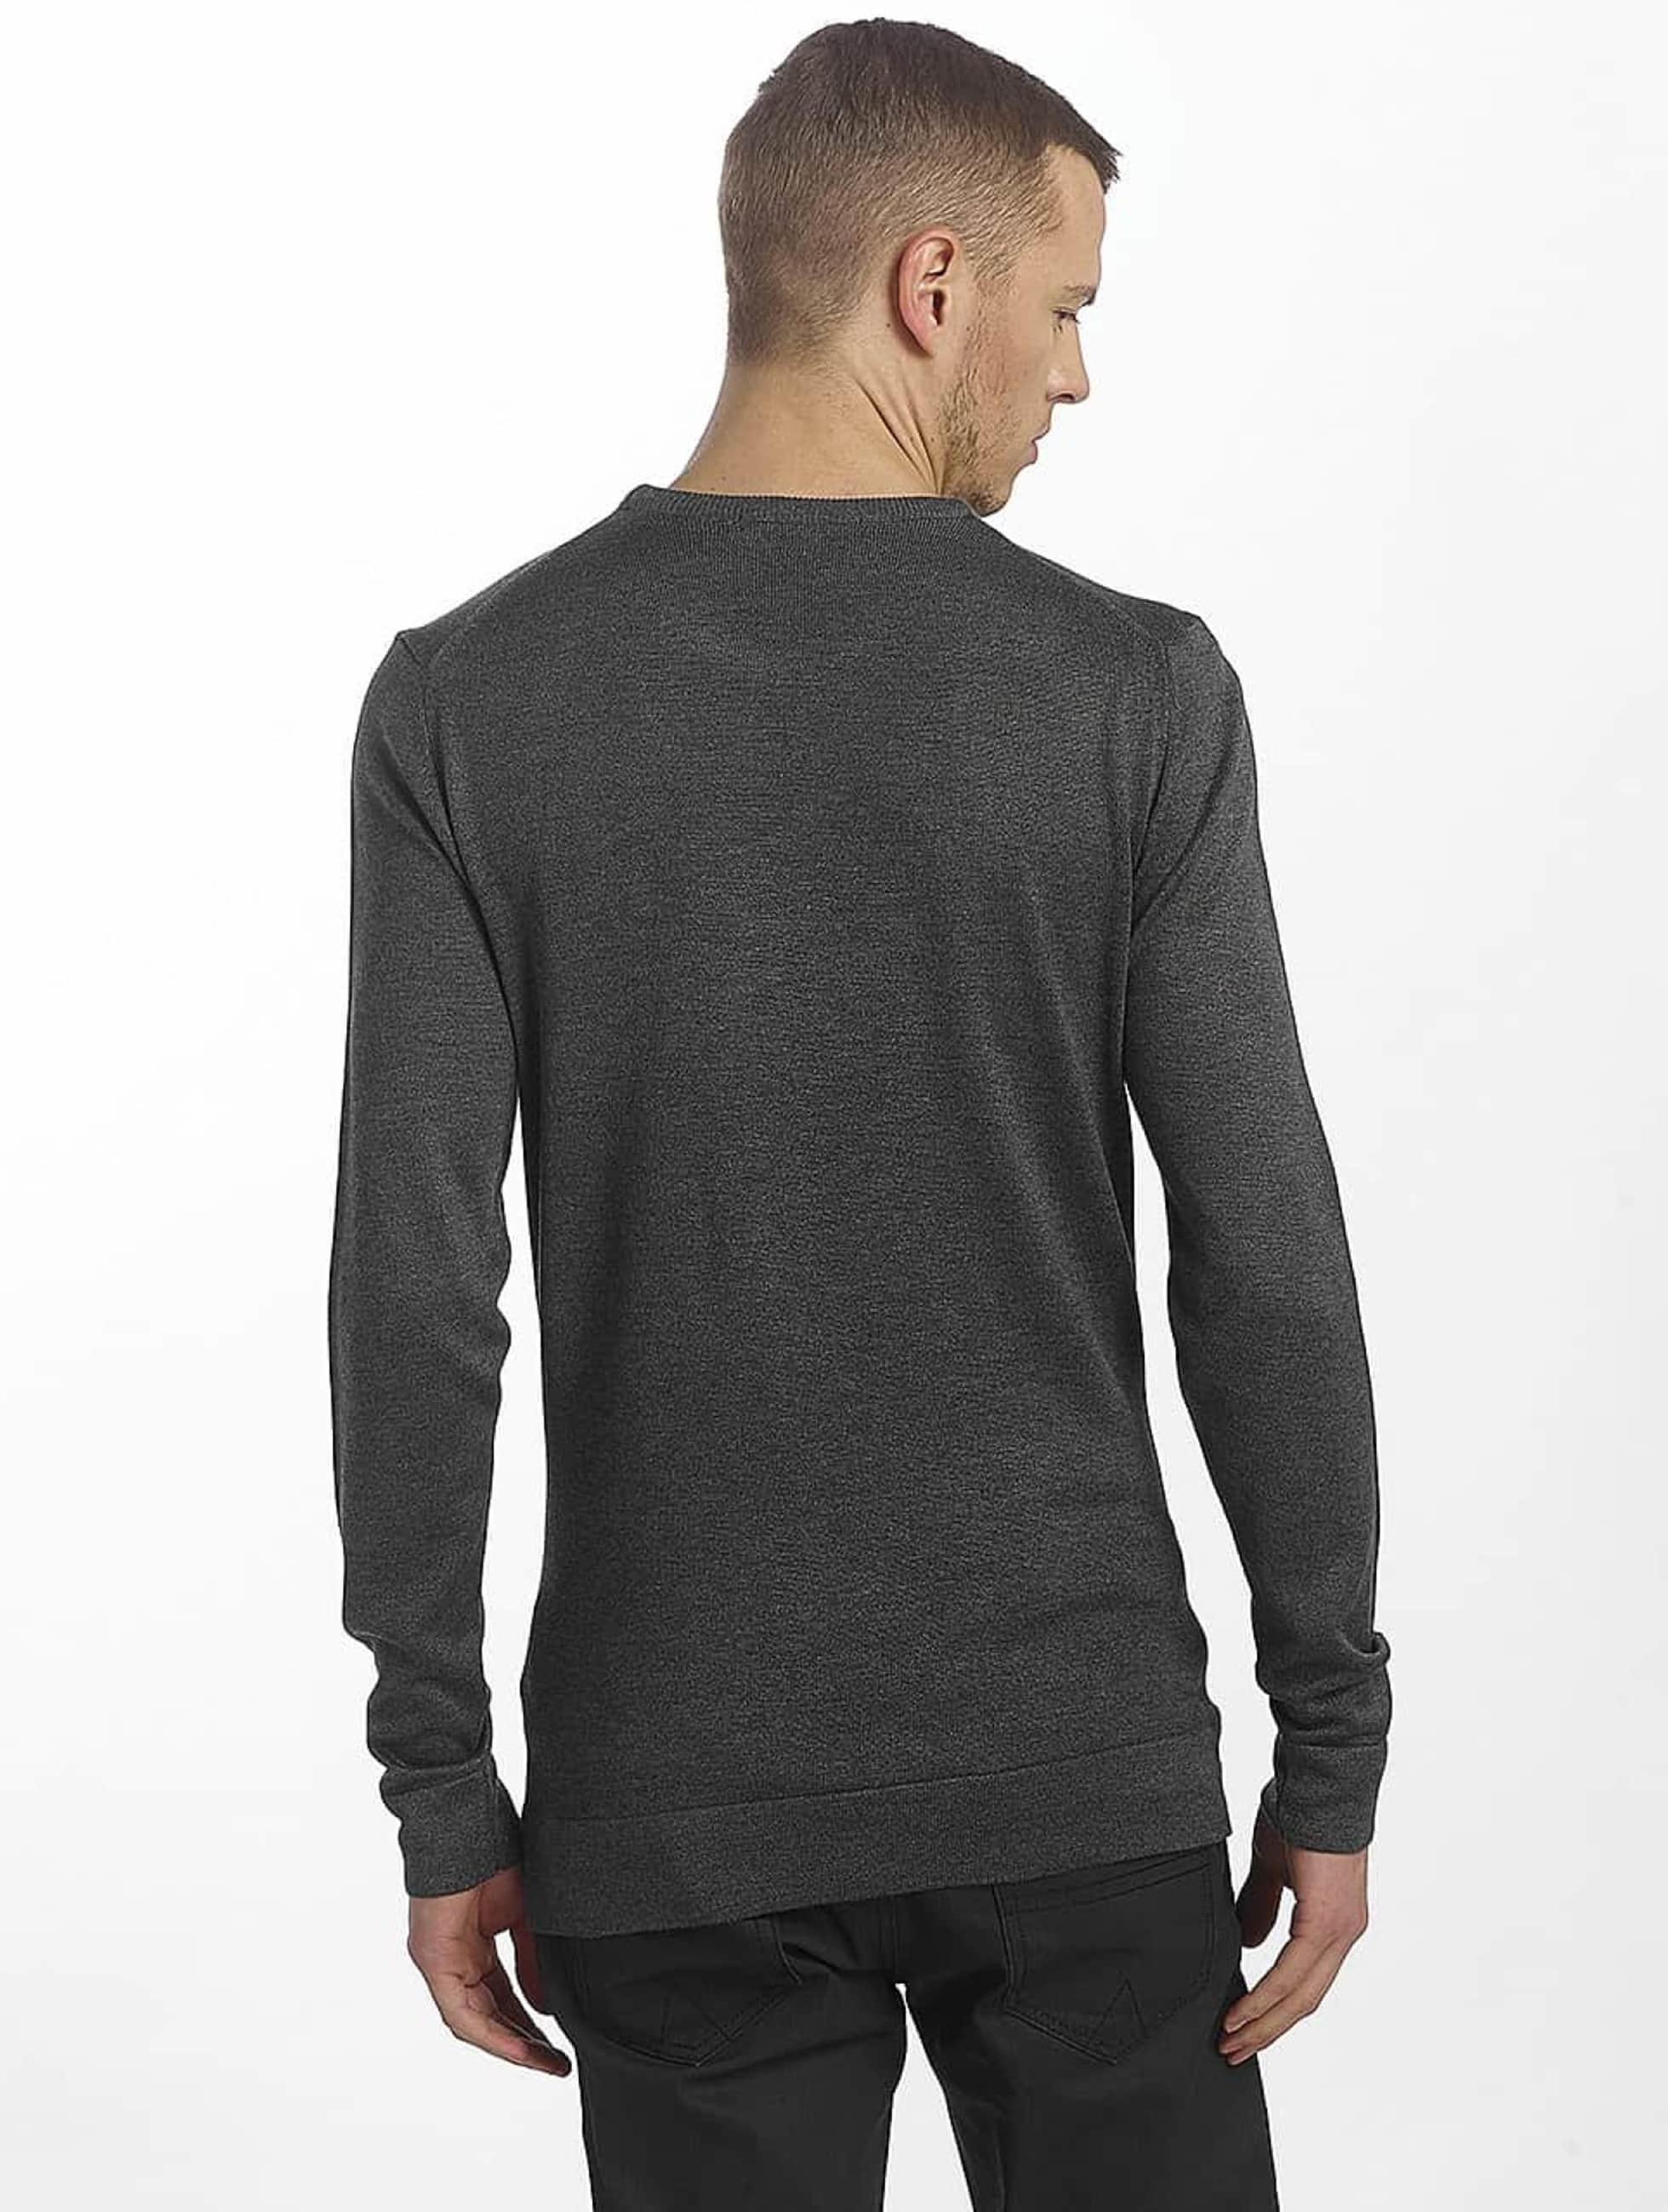 Cipo & Baxx trui Basic grijs